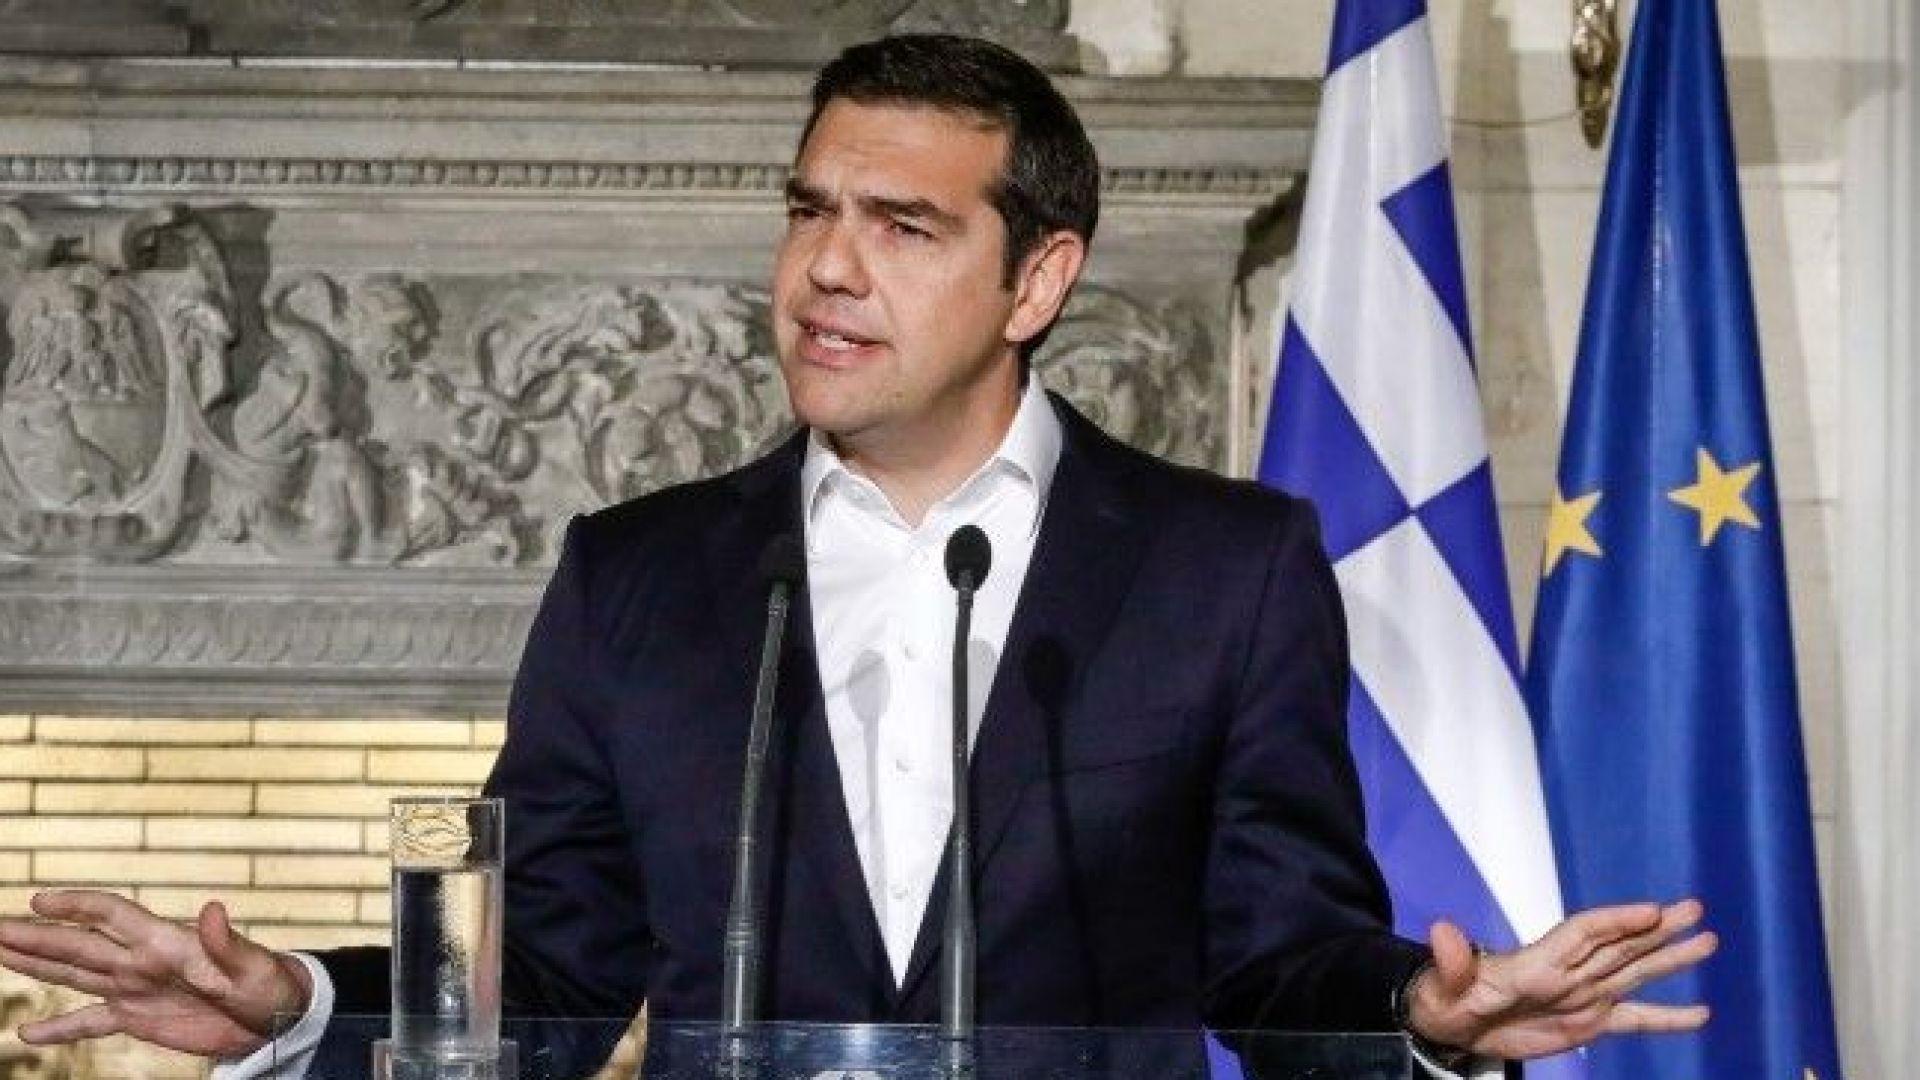 Гърция експулсира двама руски дипломати, други двама нямат право да влизат в страната